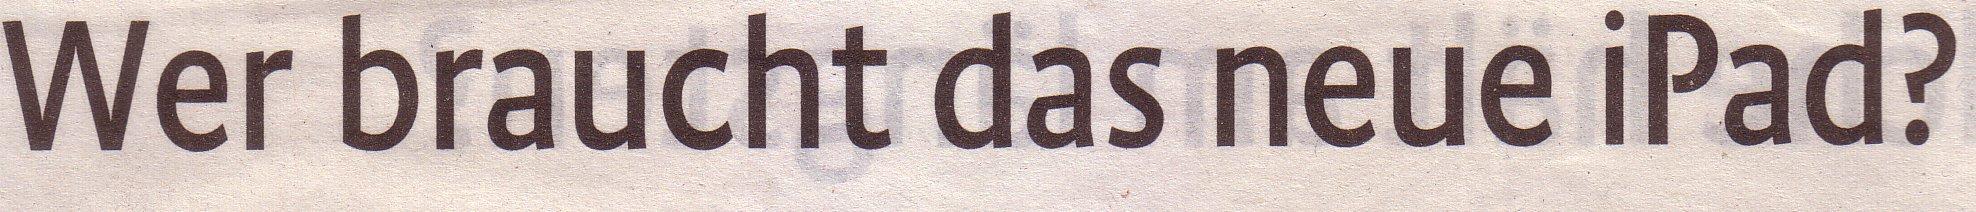 KStA-Magazin, 03.02.10, Titel: Wer braucht das neue iPad?